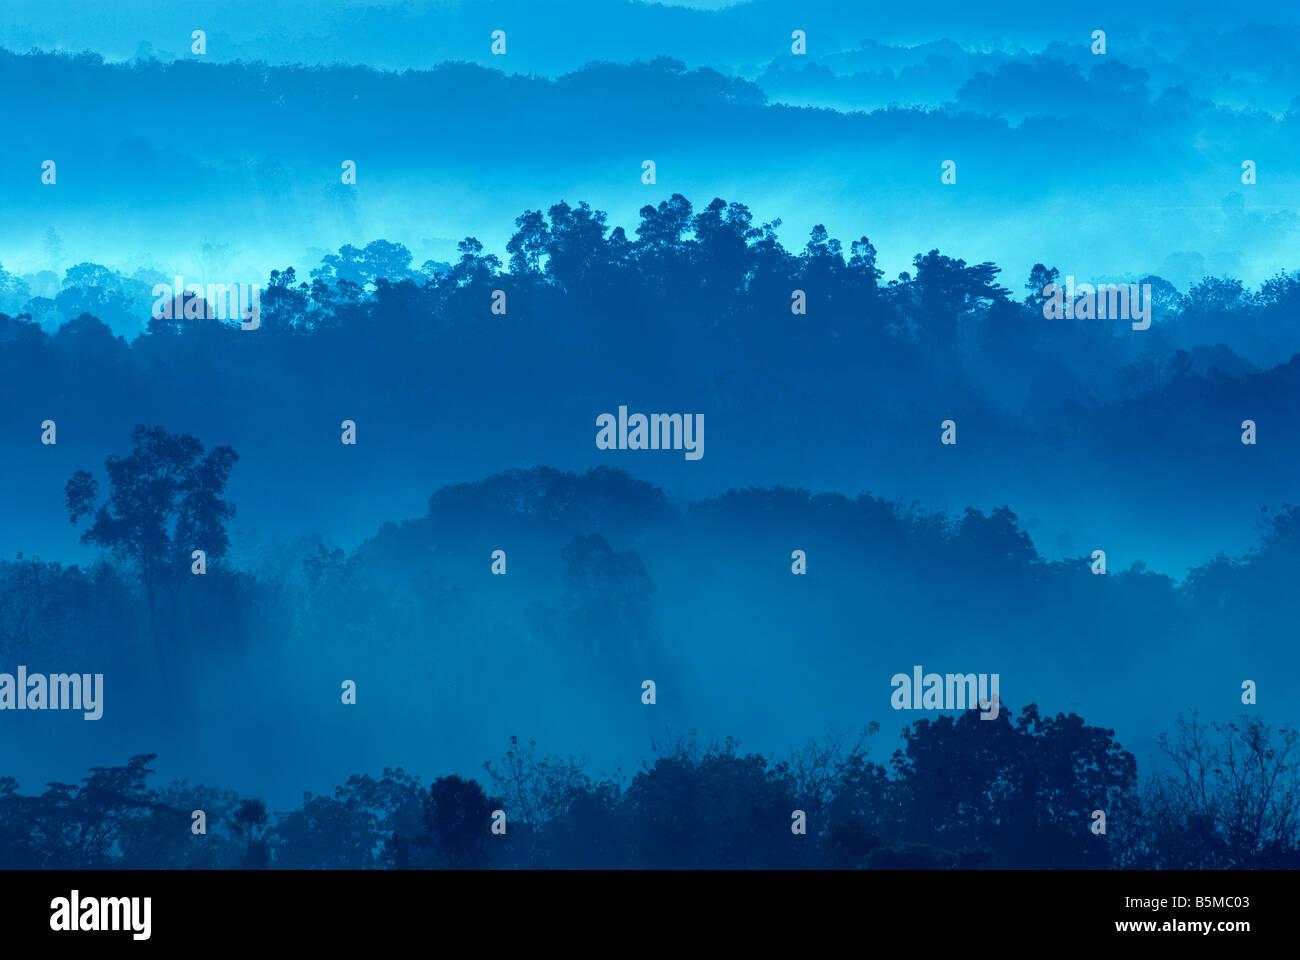 Nebligen Morgen des hügeligen Gegend mit Lichtstrahl Stockbild